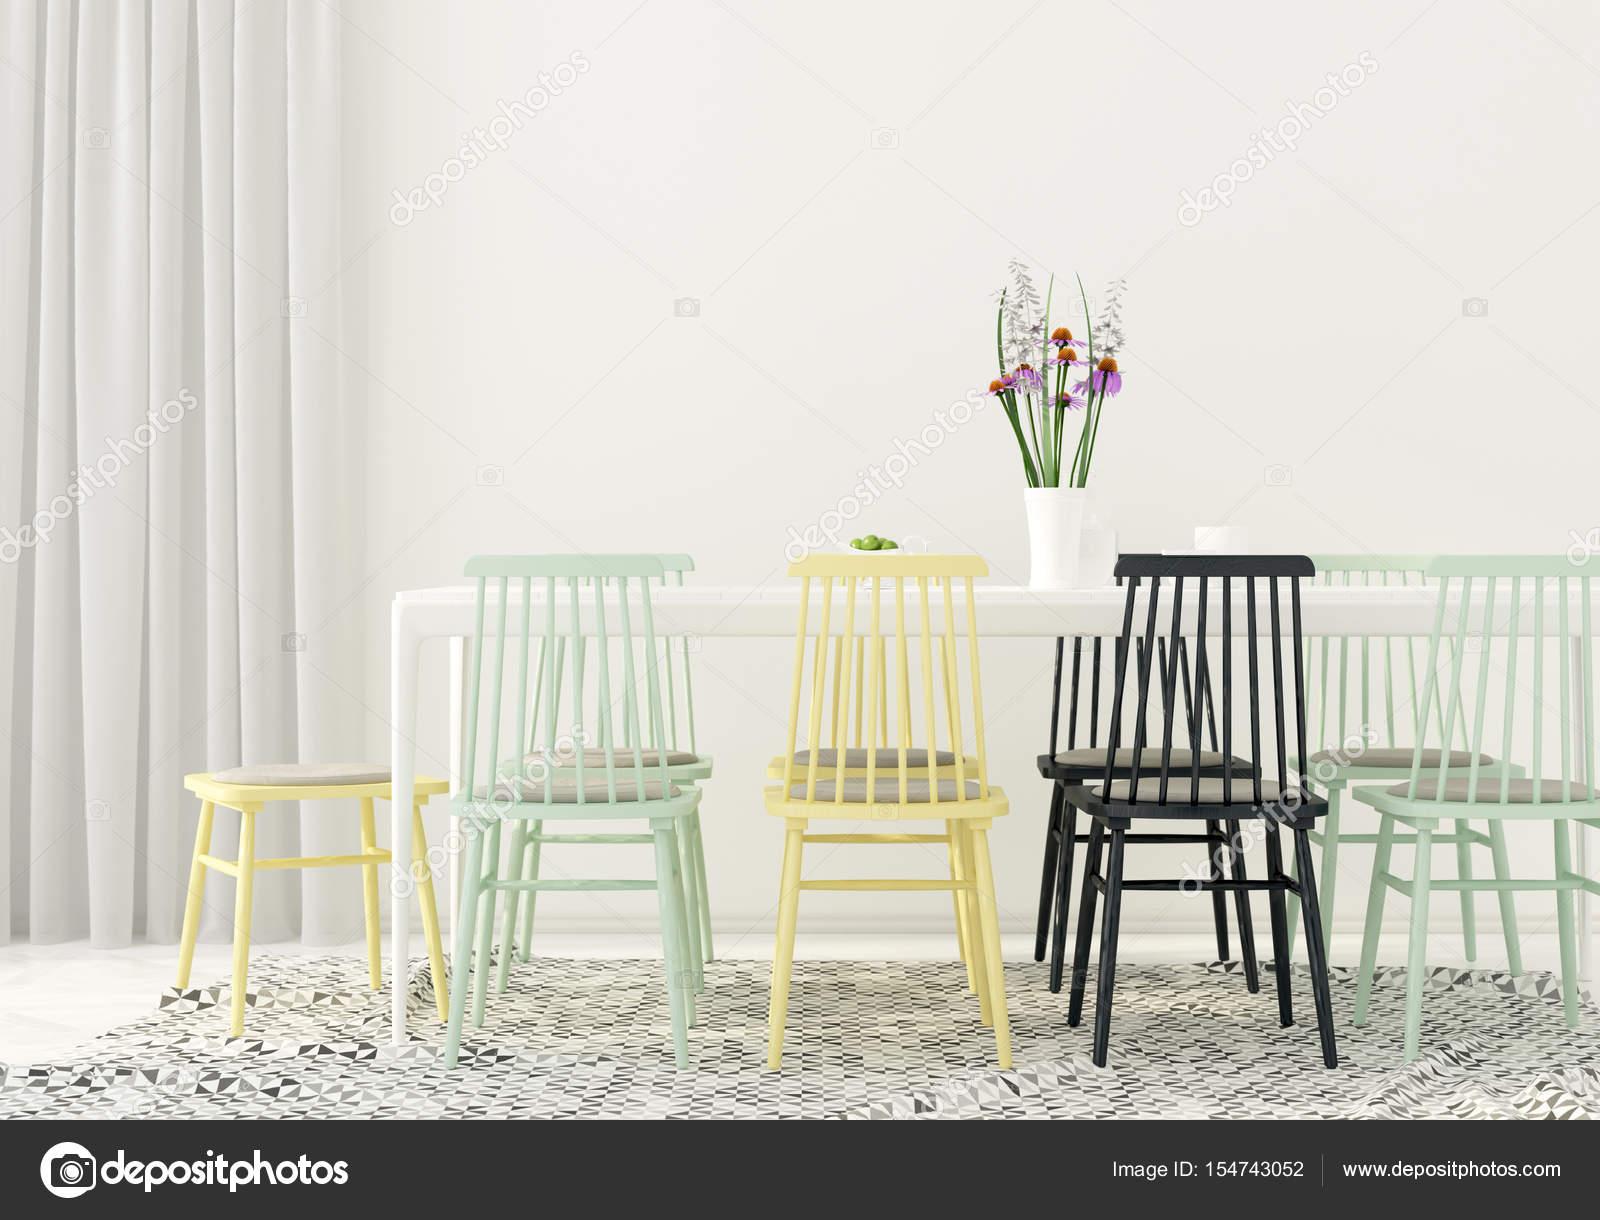 Esszimmer Mit Farbigen Stuhle Stockfoto C Jzhuk 154743052